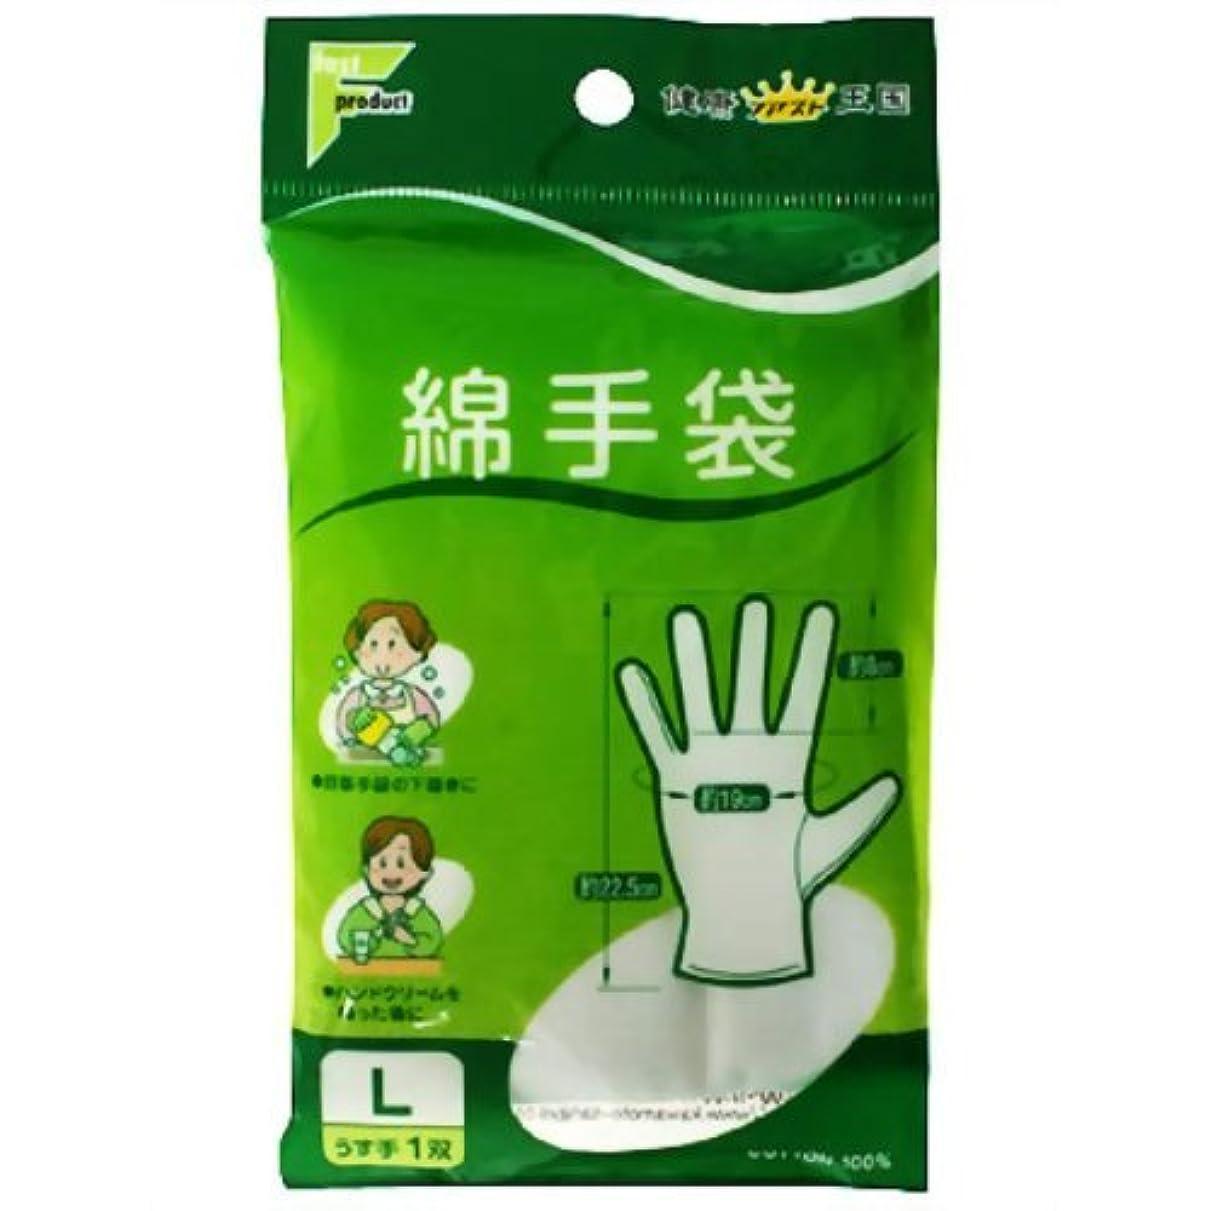 品揃え滑るトークフアスト綿手袋L 1双入